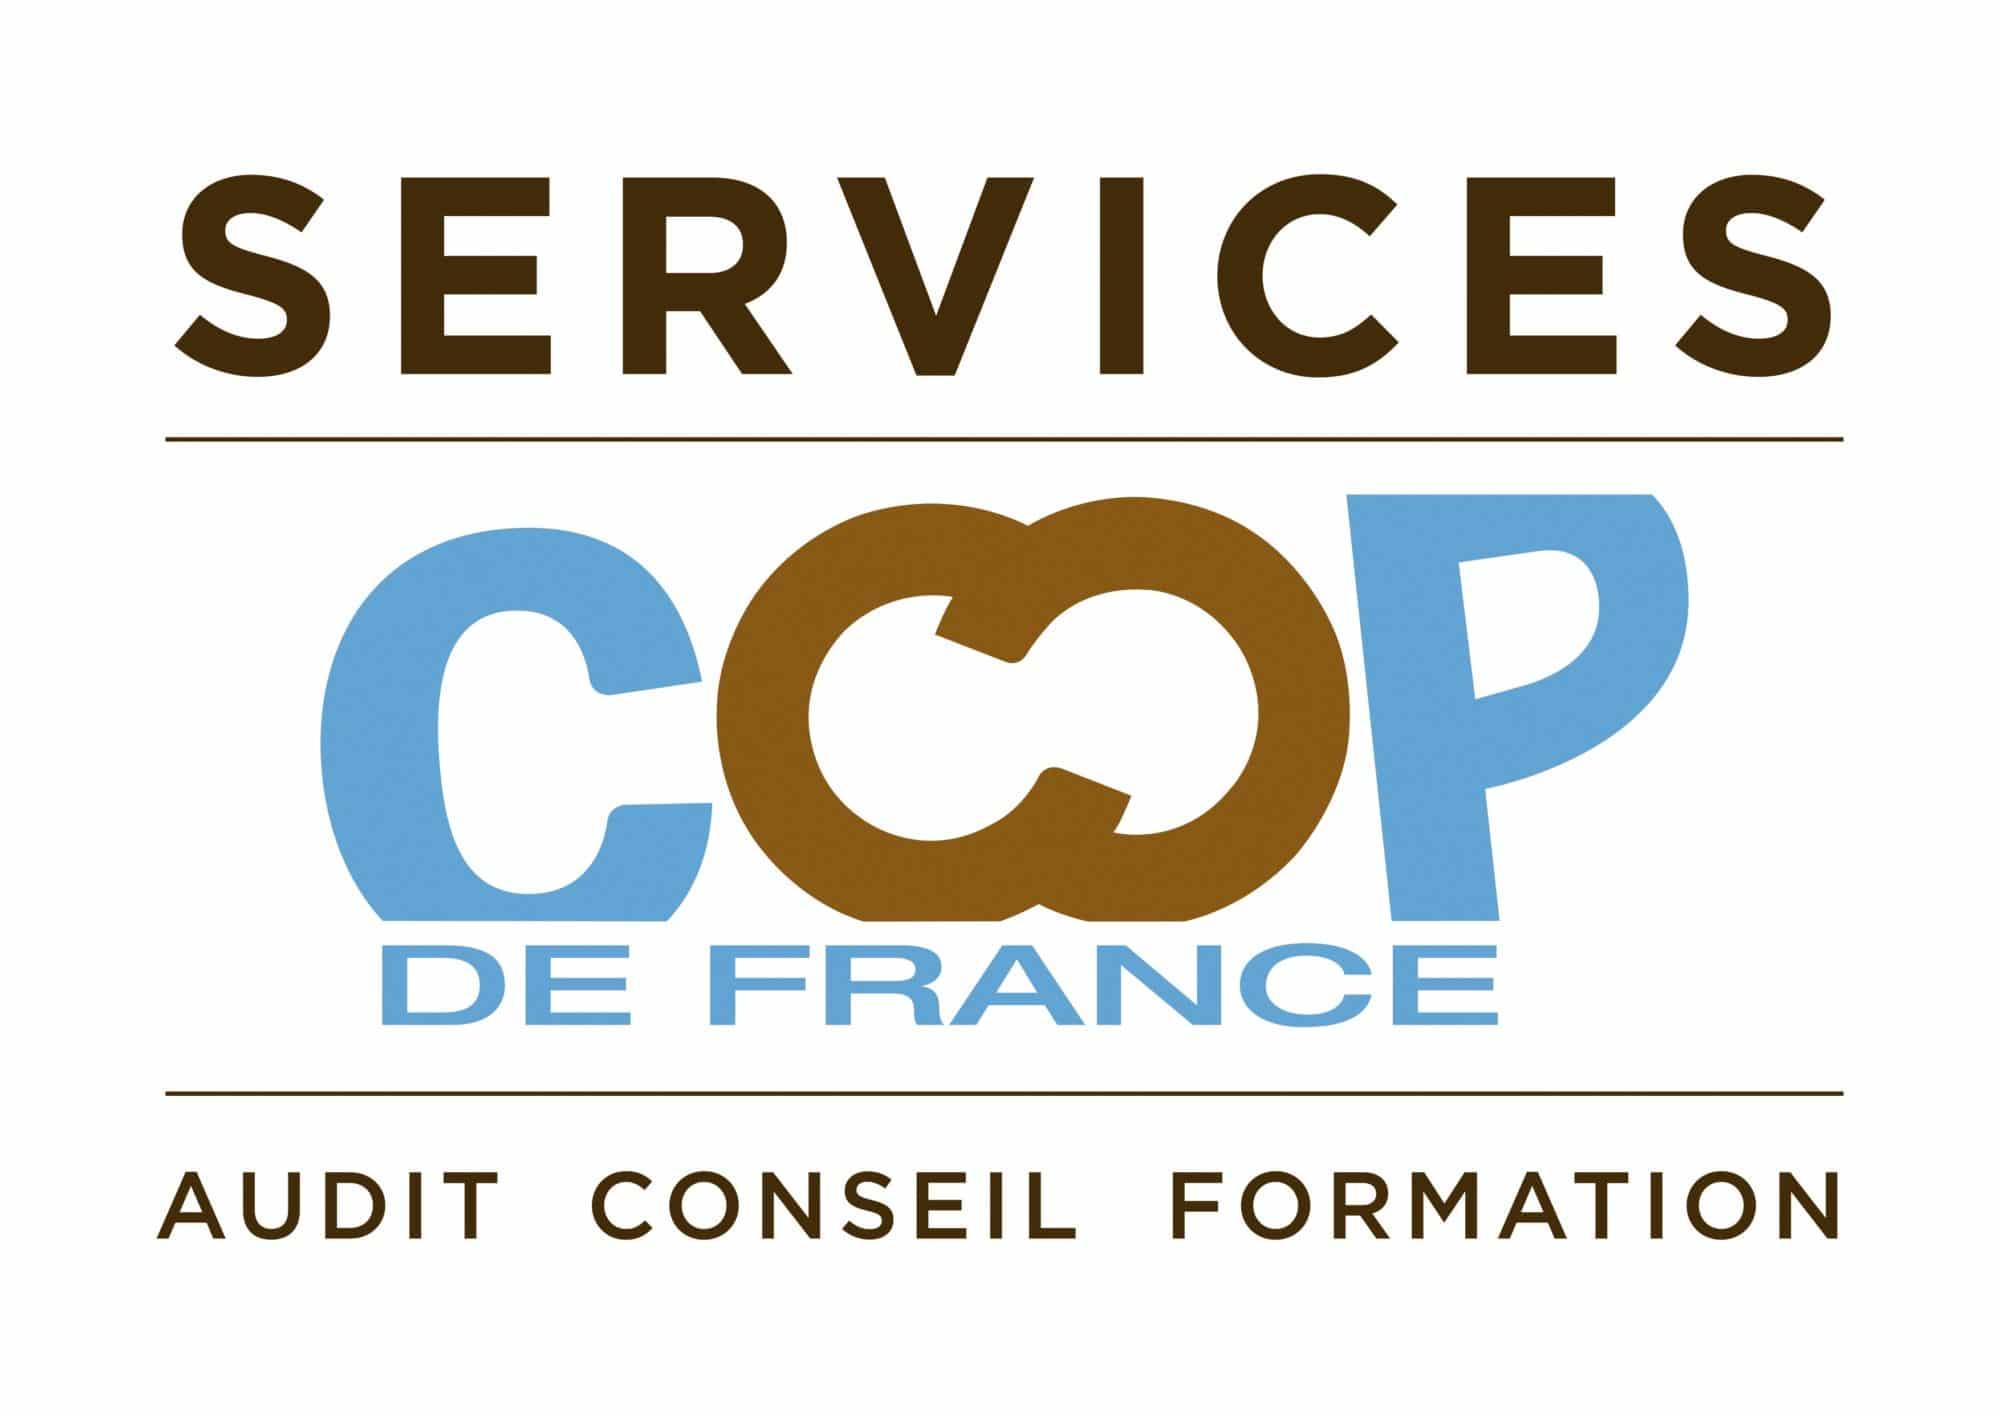 SERVICES COOP DE FRANCE